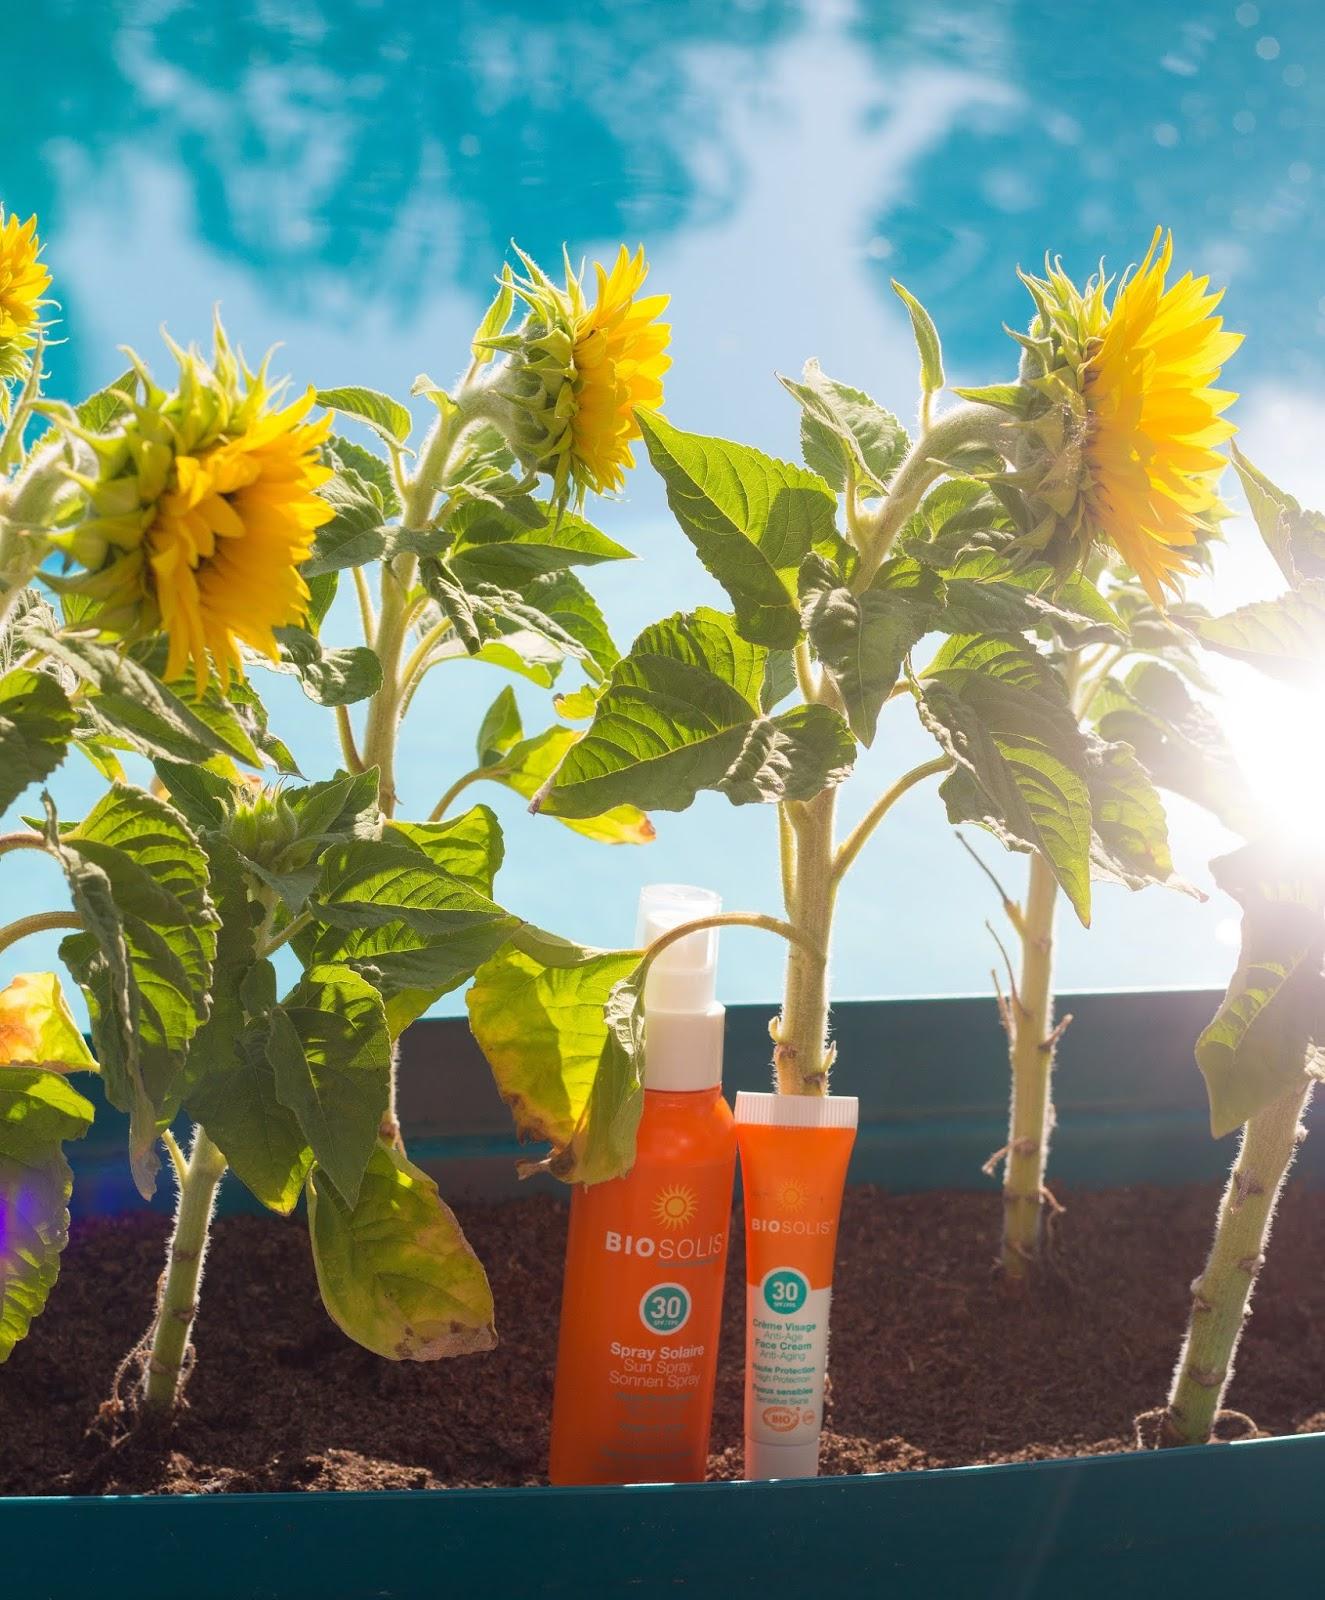 produits-solaires-biosolis-bio